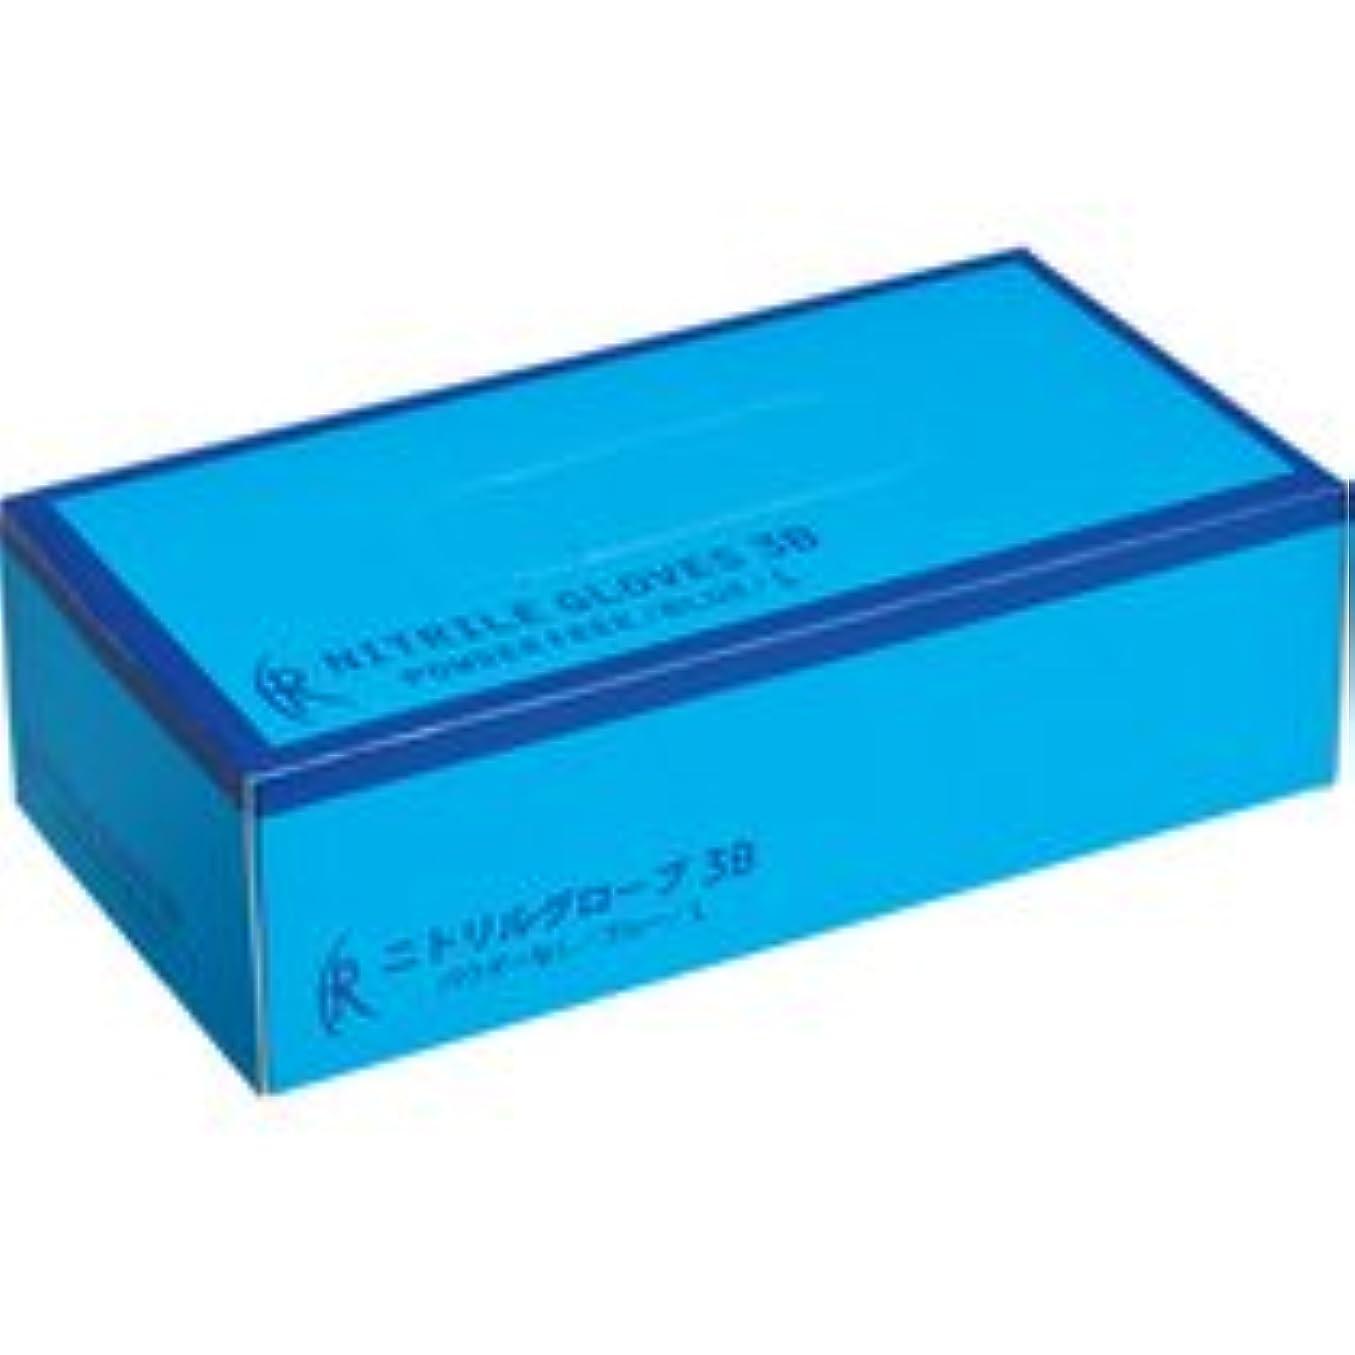 環境保護主義者エイズ塩辛いファーストレイト ニトリルグローブ3B パウダーフリー L FR-5663 1箱(200枚)